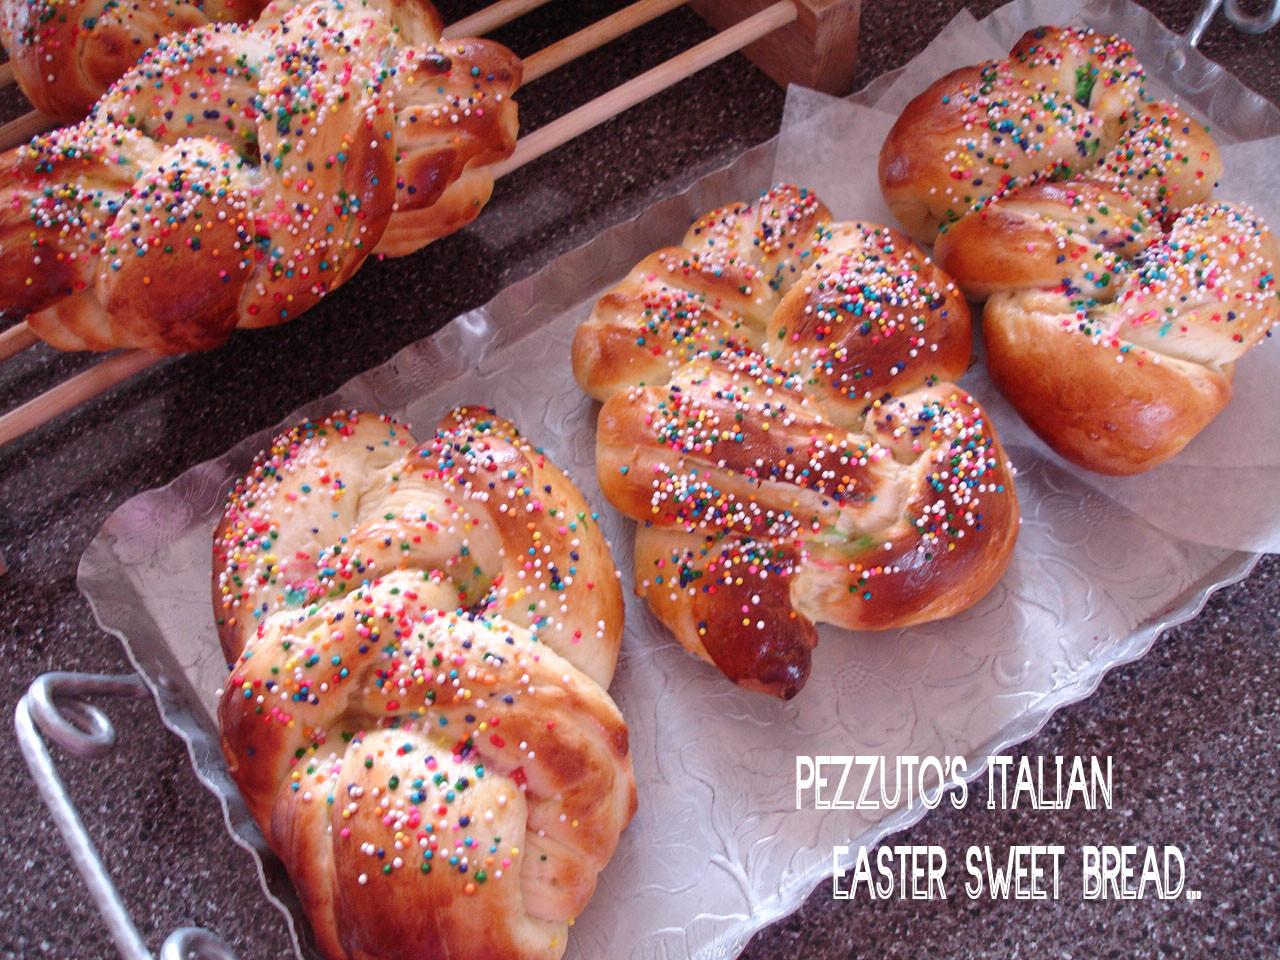 Italian Easter Sweet Bread Recipe  ChiPPy SHaBBy PeePs & Pezzuto s Italian Easter